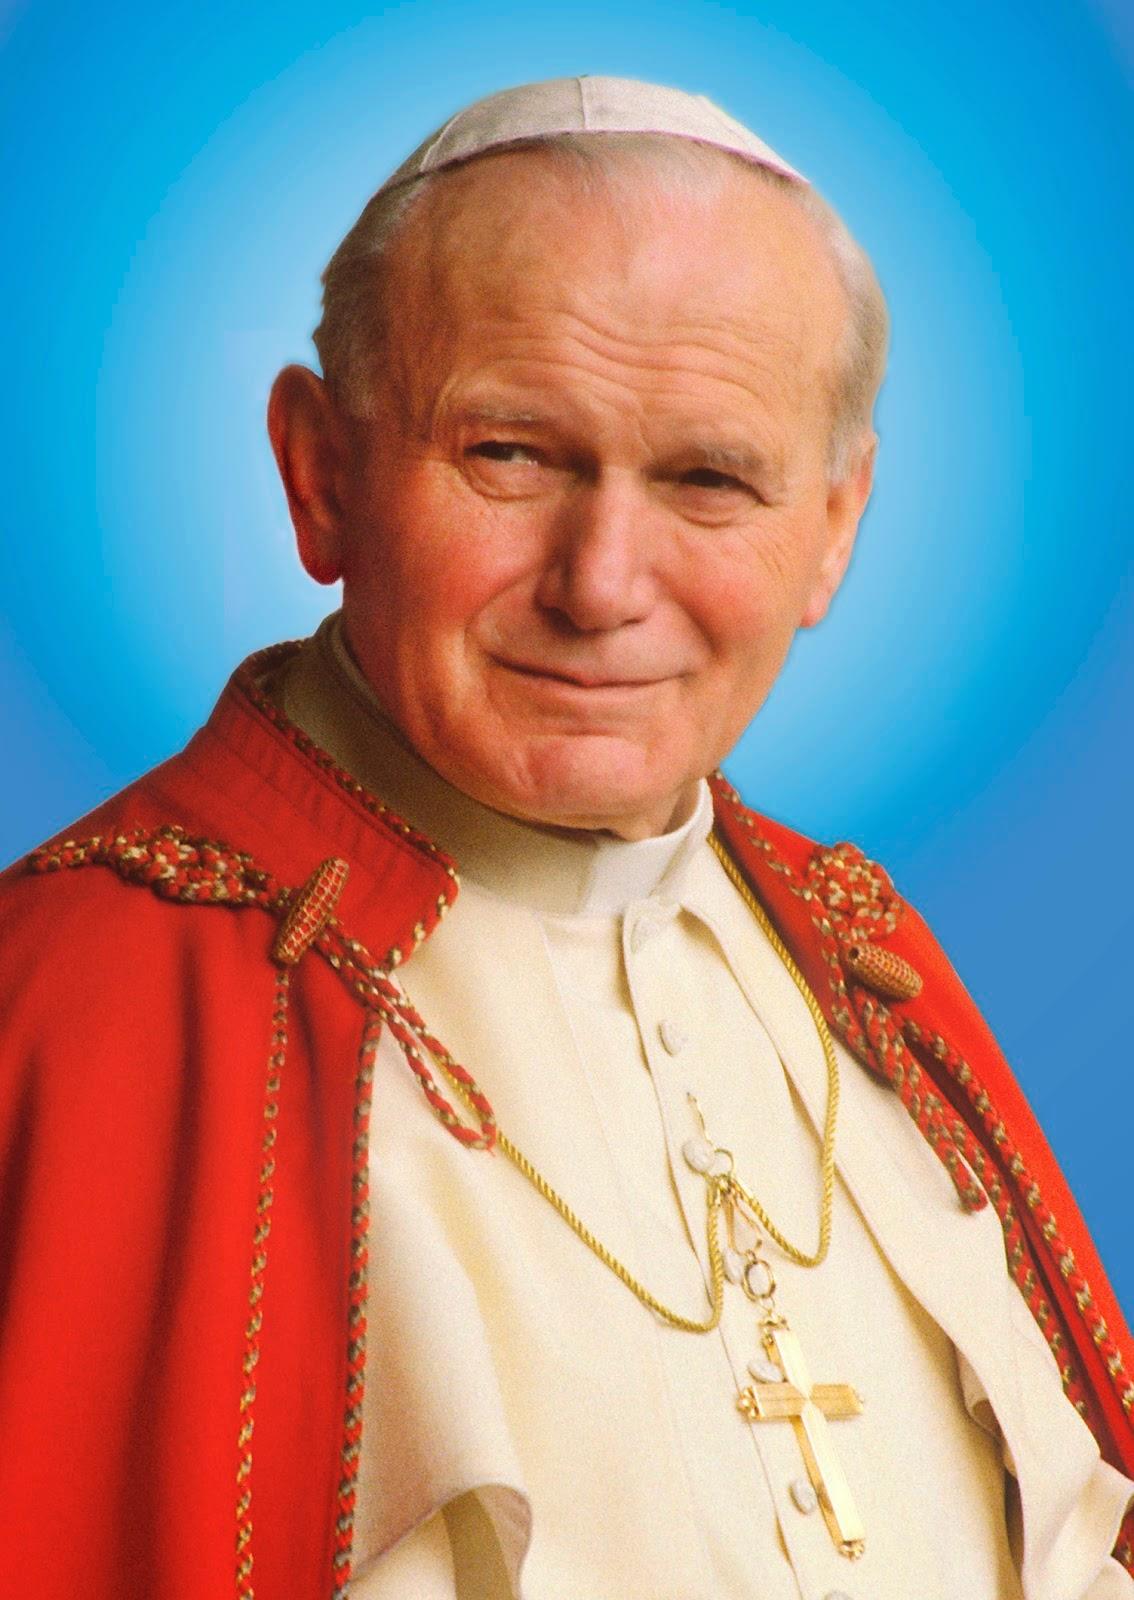 São João Paulo II padroeiro da Juventude